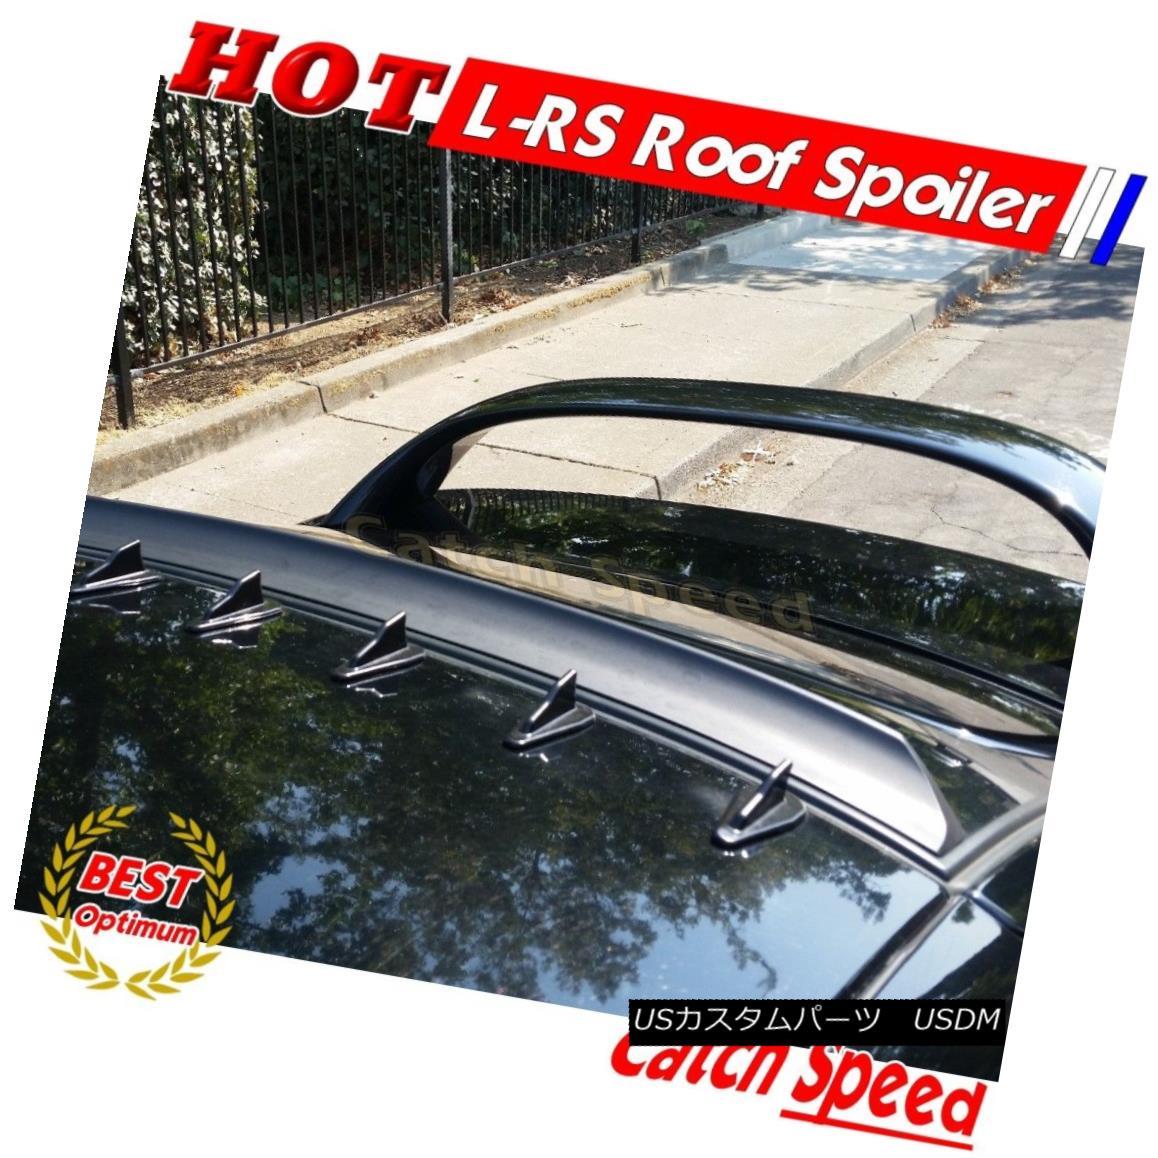 エアロパーツ Painted LRS Type Rear Window Roof Spoiler Wing For Audi S4 B6 Sedan 2003~05 ? 塗装済みのLRSタイプリアウインドルーフスポイラーウイング(Audi S4用)B6セダン2003?05?